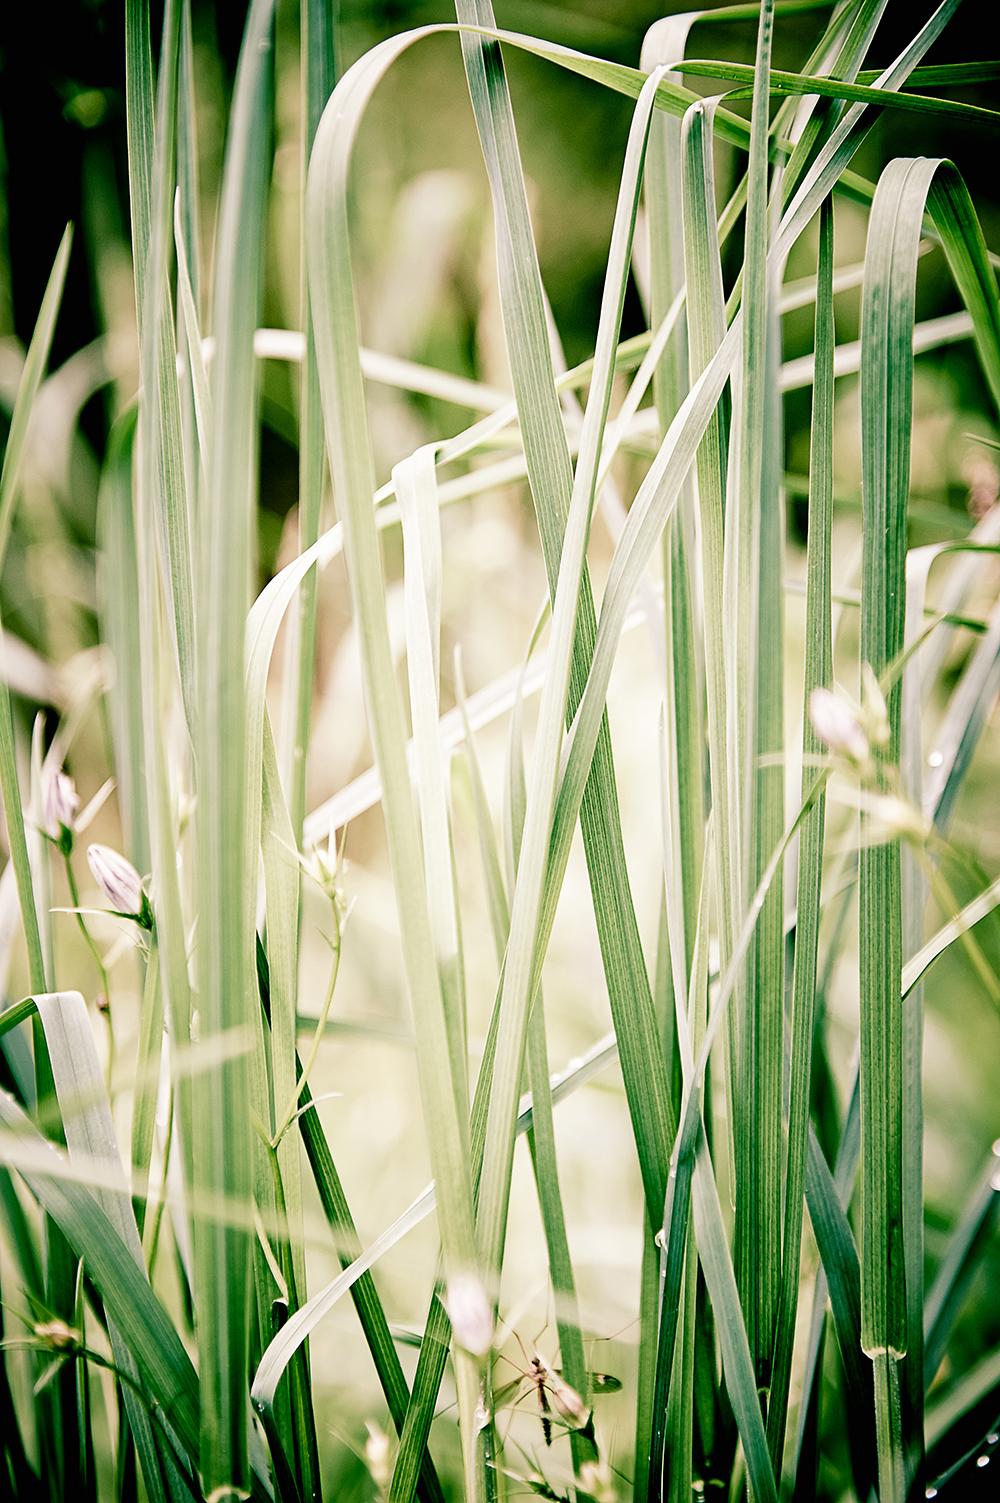 gras, gräser, wiese